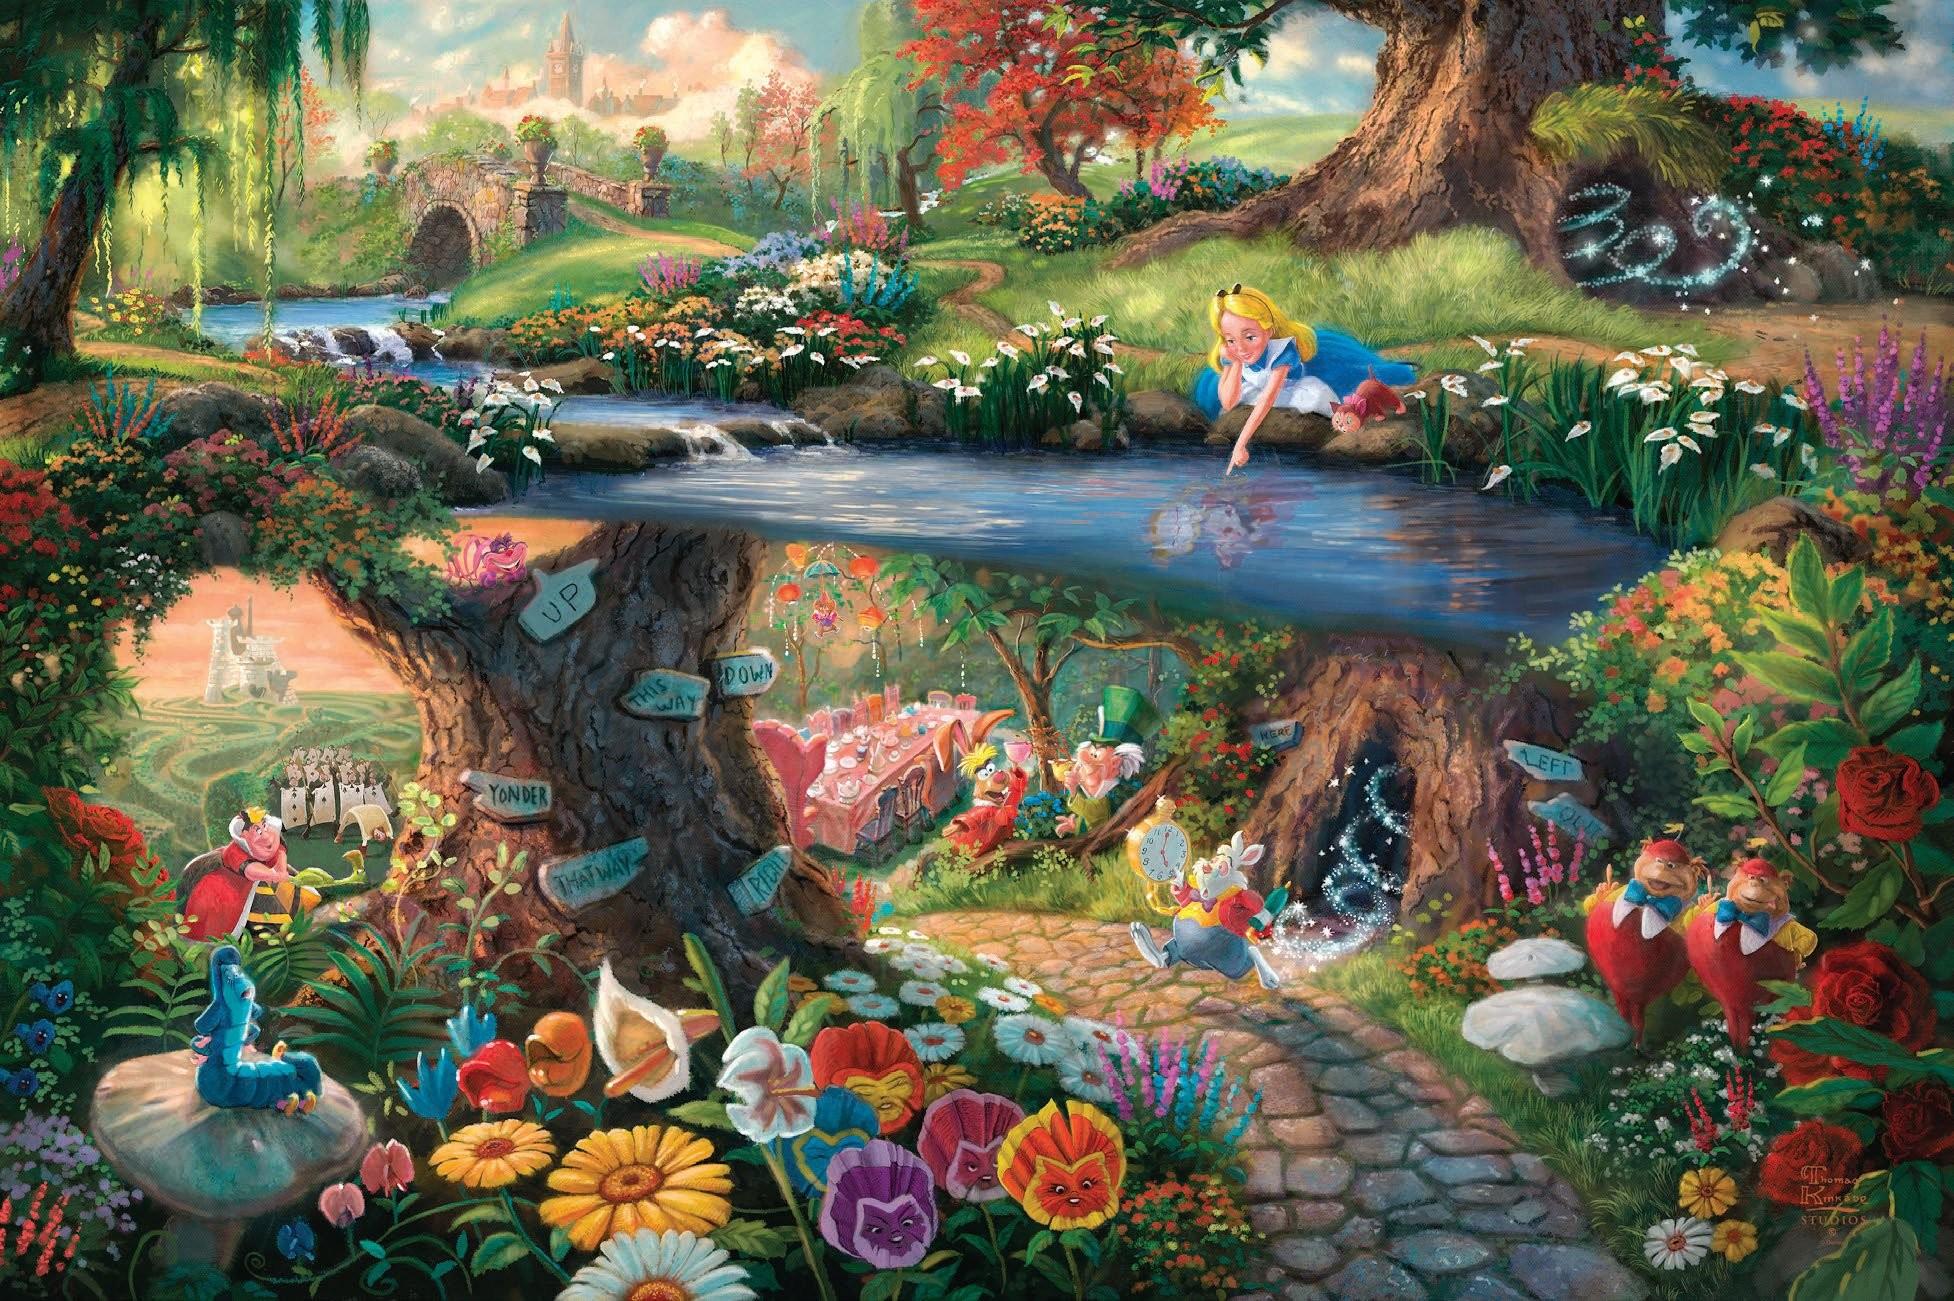 1954x1301 HD Wallpaper | Background ID:698855. 1954x1301 Movie Alice in Wonderland ( 1951